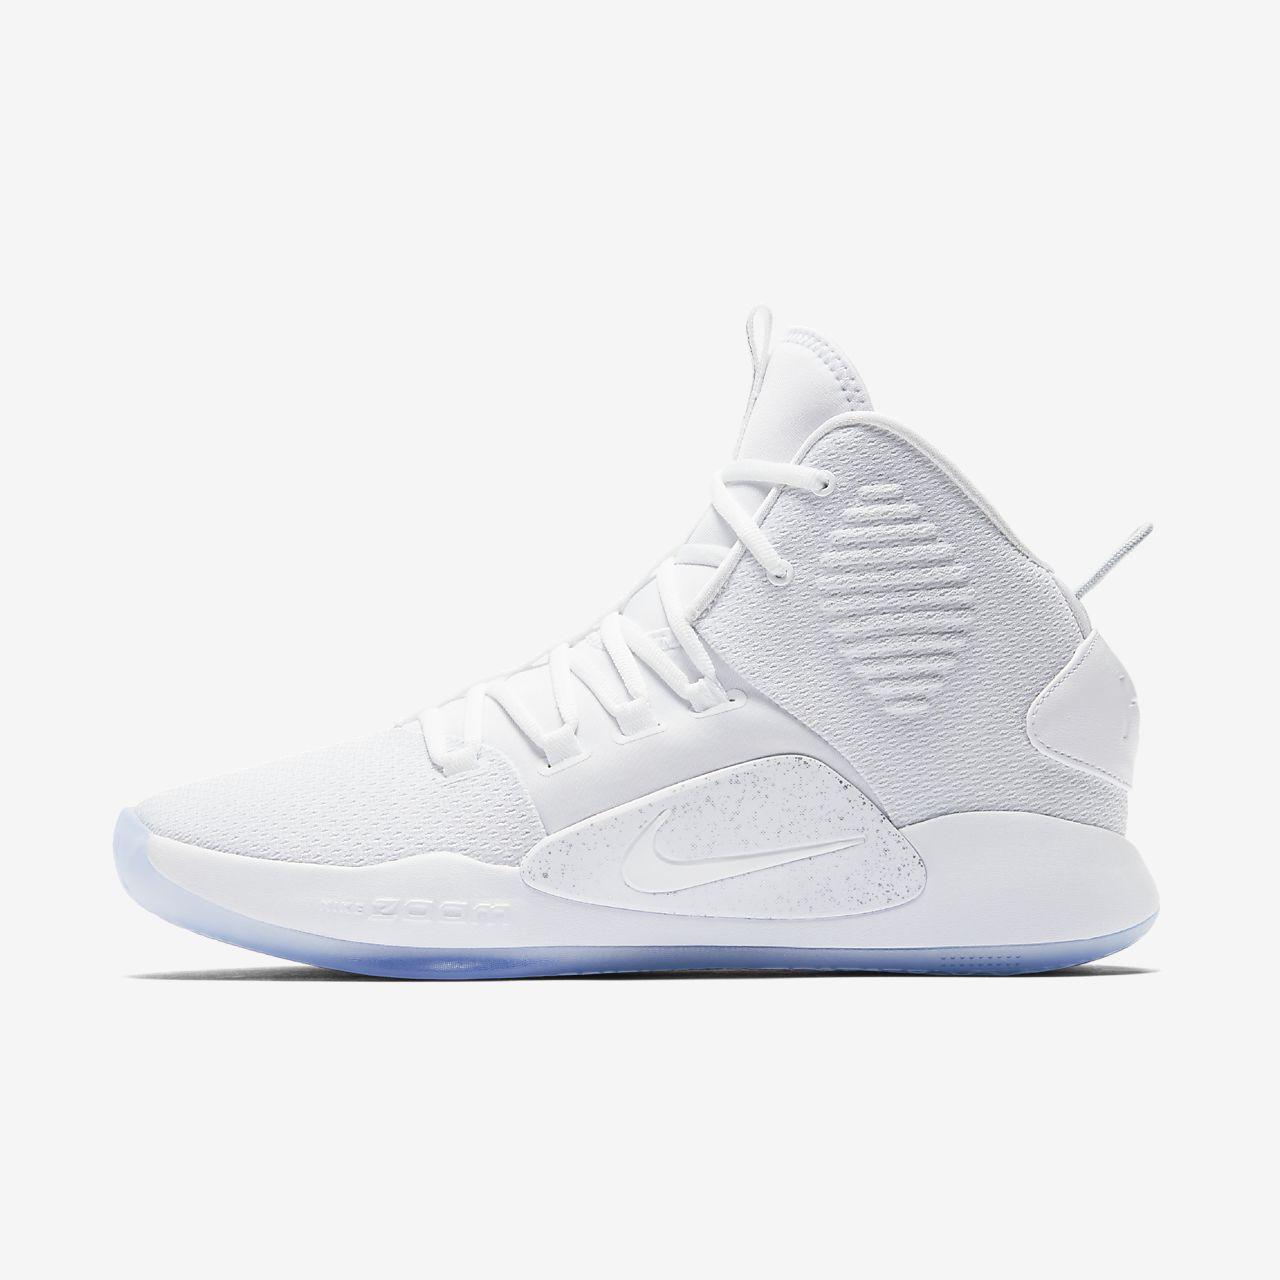 Chaussure de basketball Nike Hyperdunk X